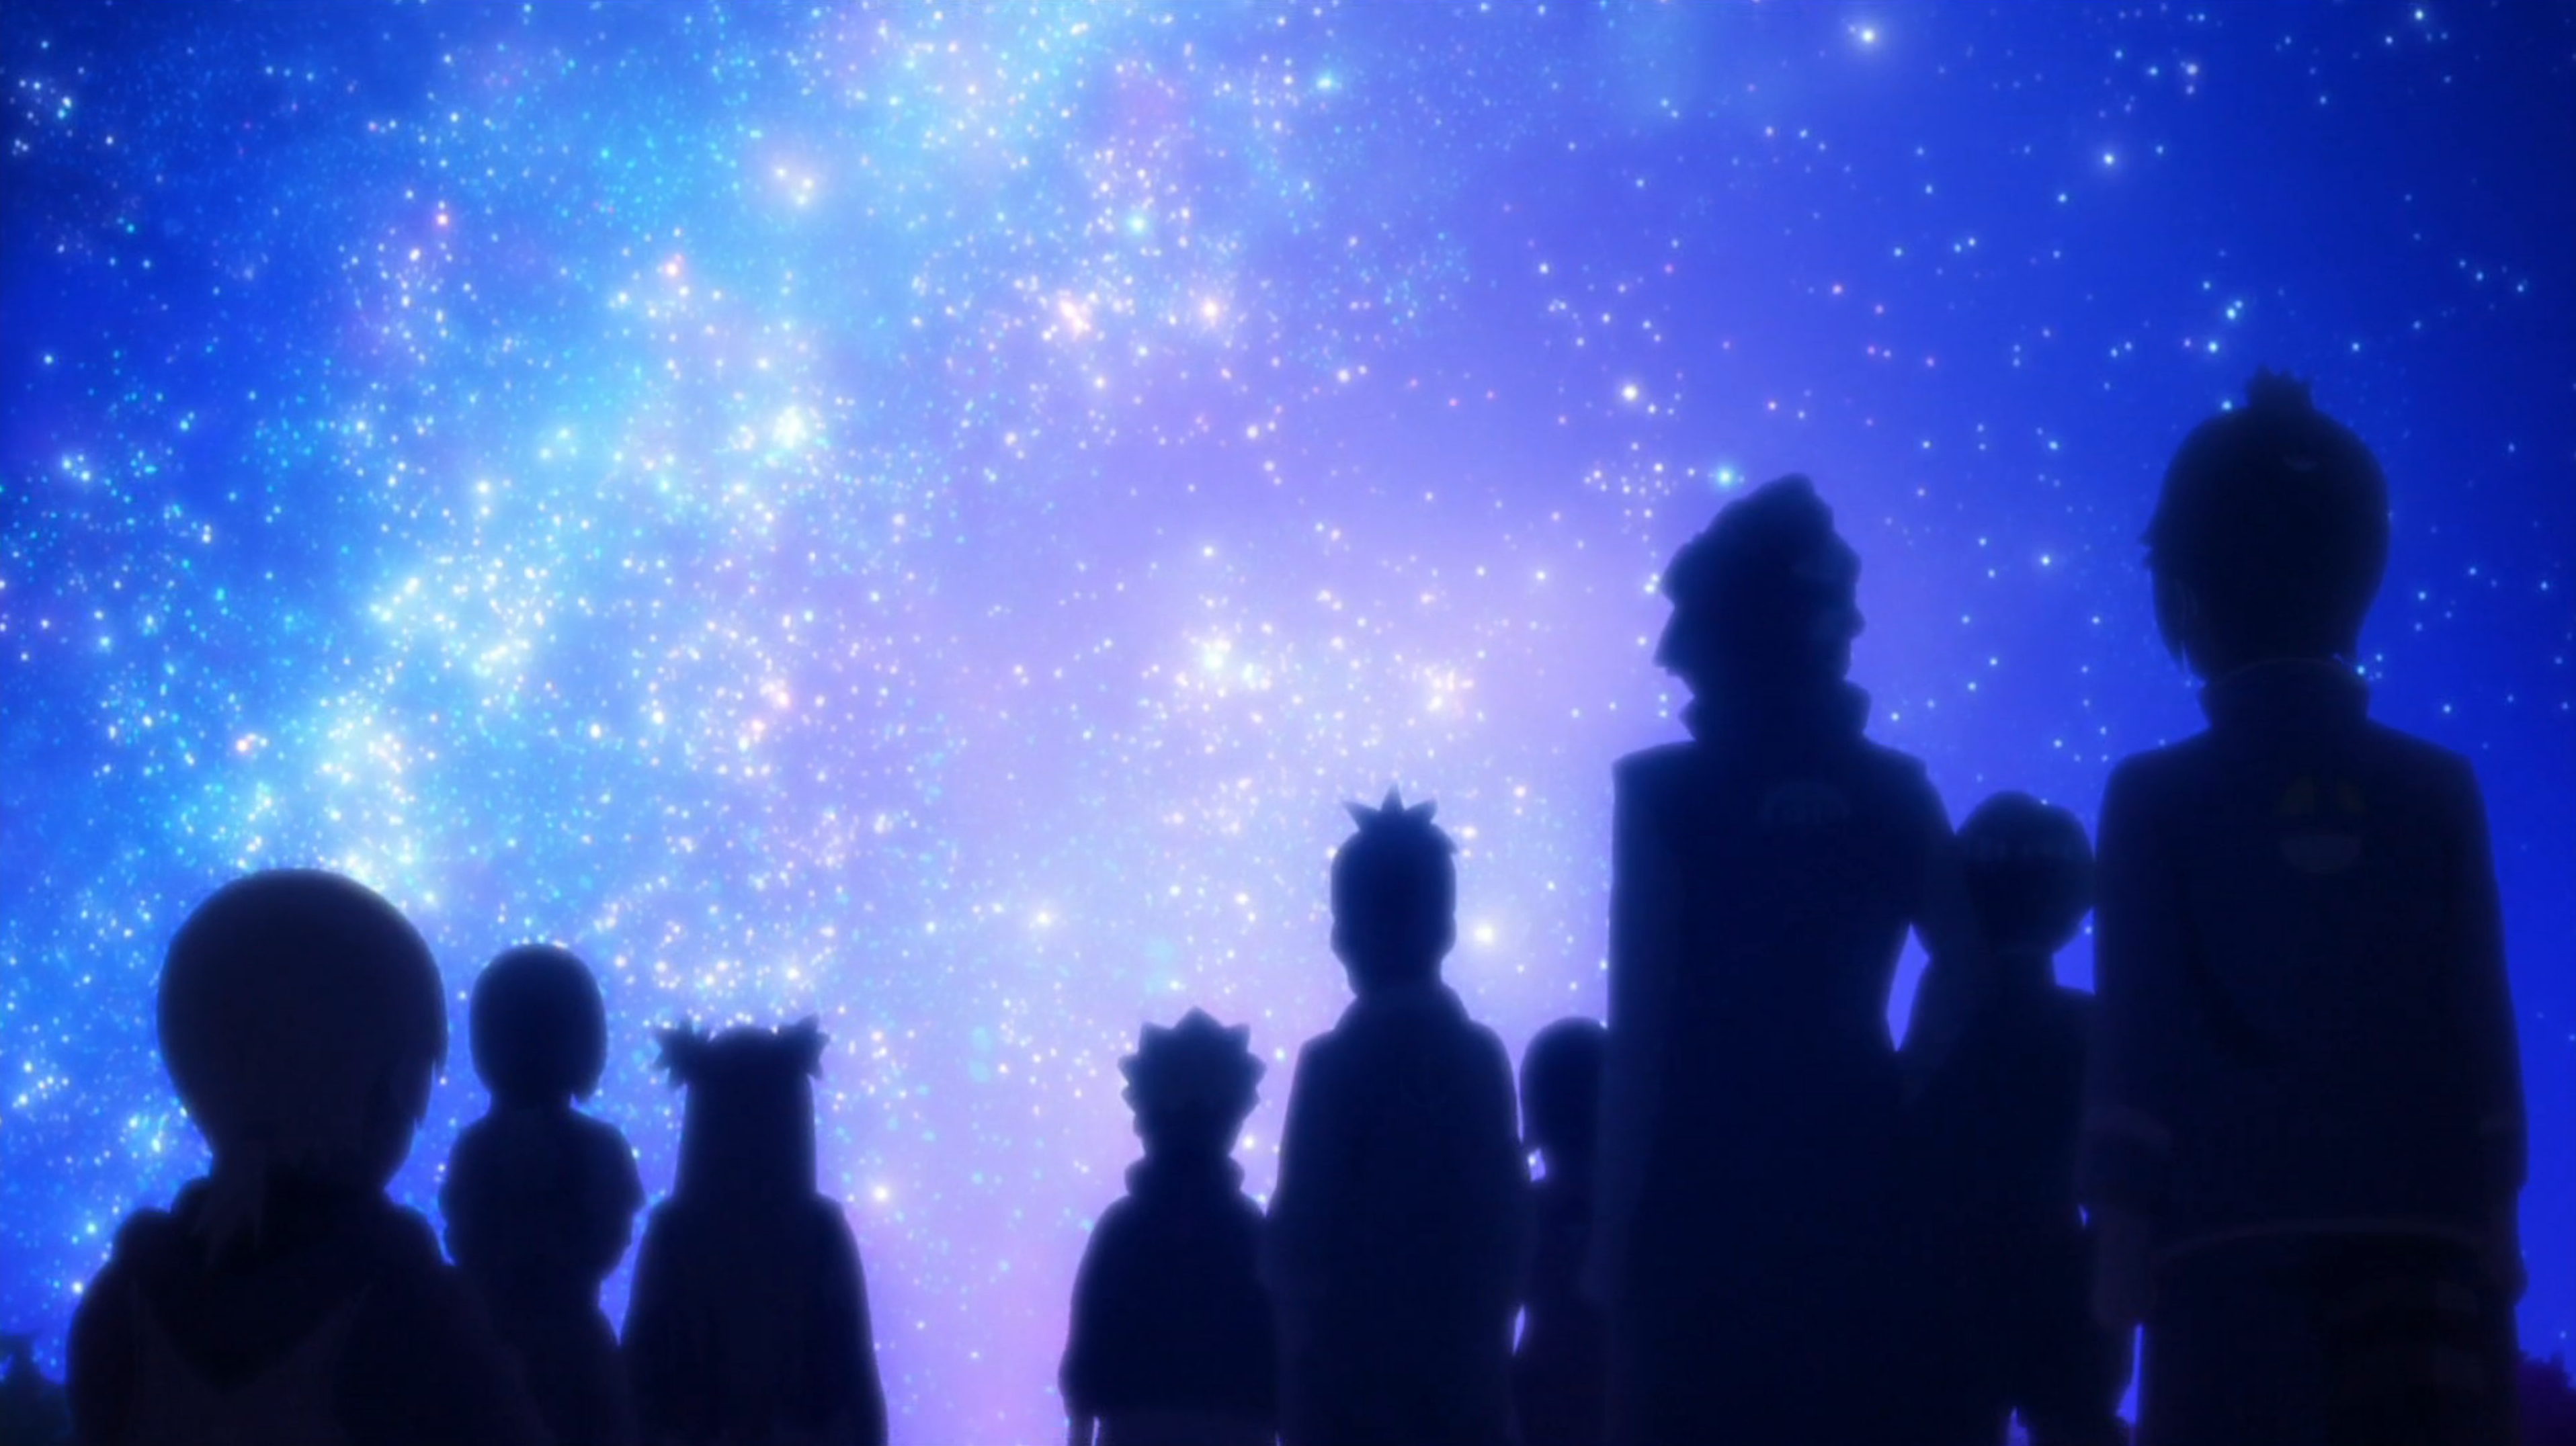 Une nuit parsemée d'étoiles